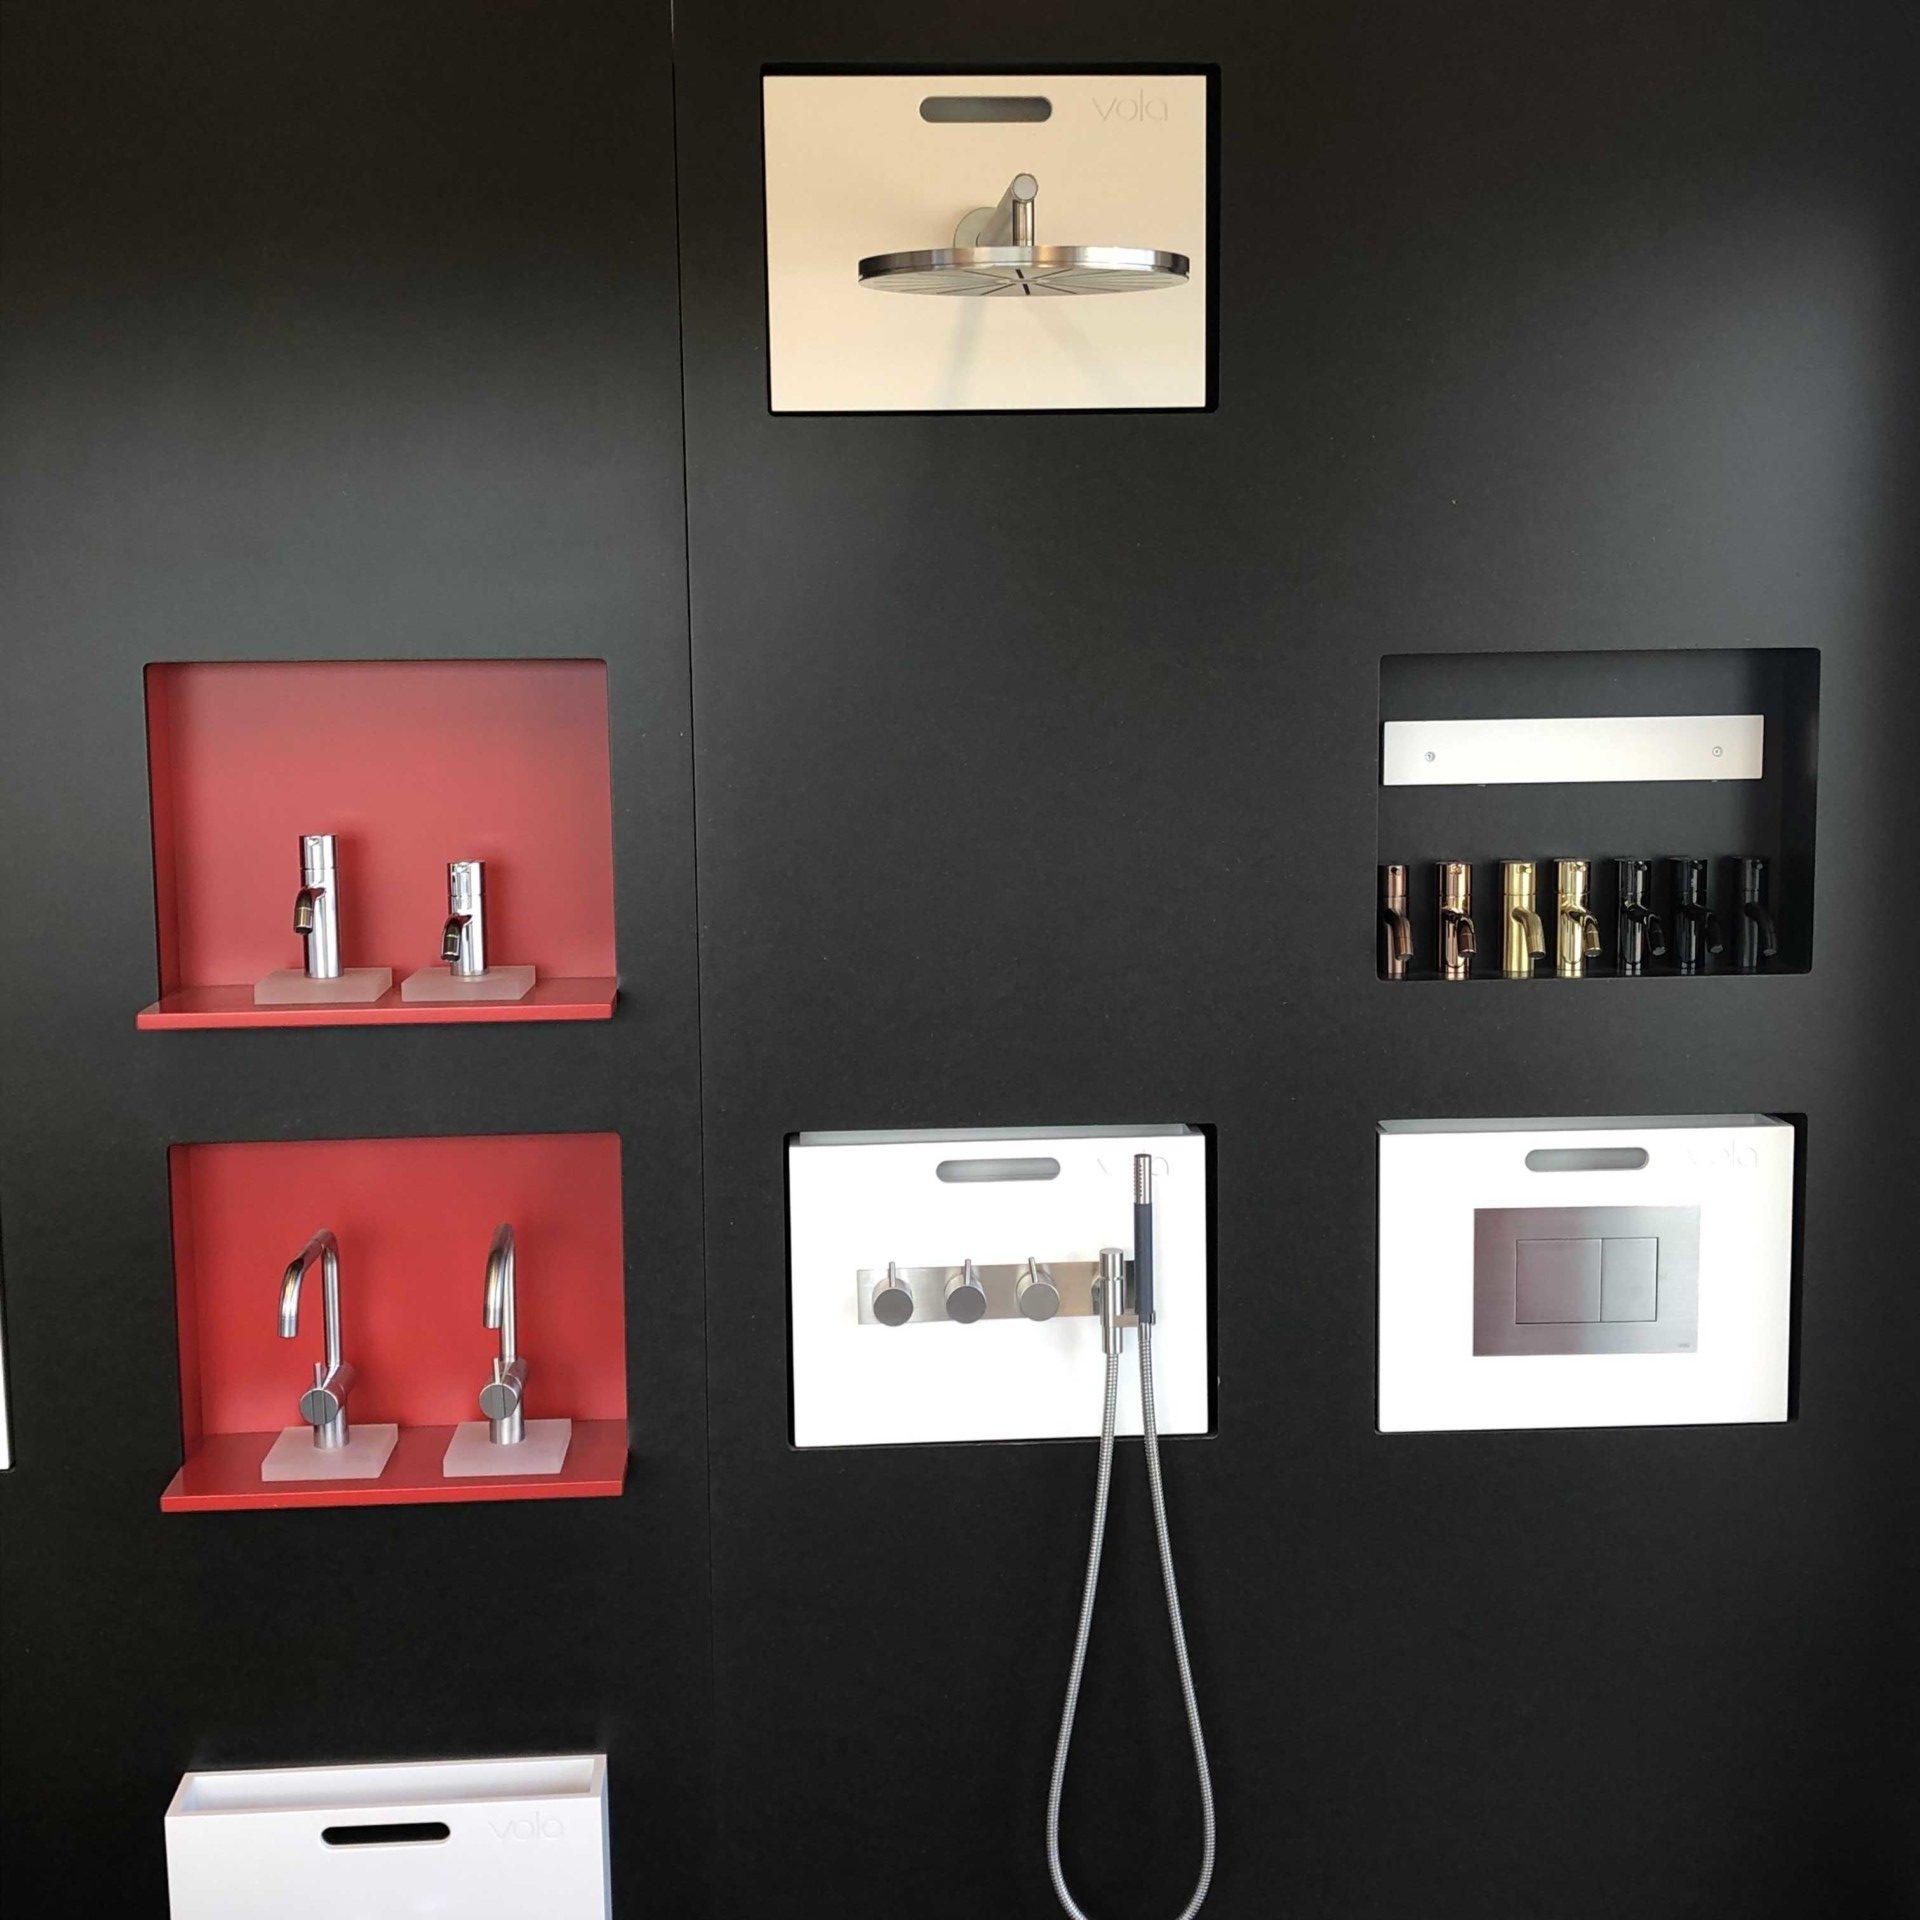 Vangvedvængets VVS armatur udstilling showroom badeværelse